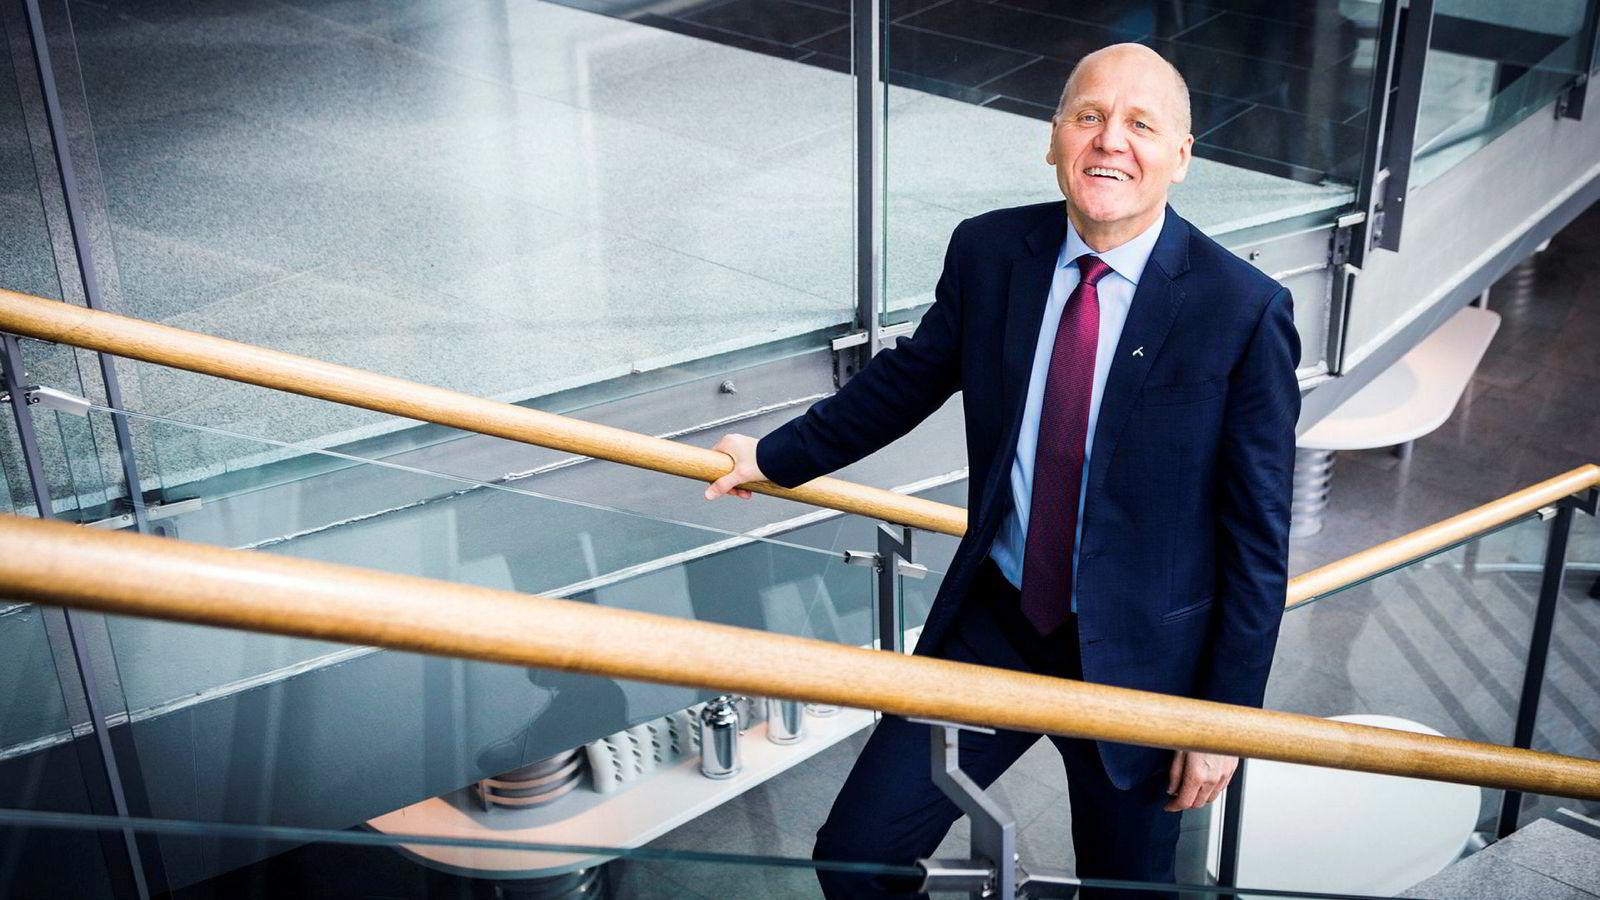 – Det har vært en ganske tøff periode de siste tre årene med usikkerhet, sier Sigve Brekke, konsernsjef i Telenor.